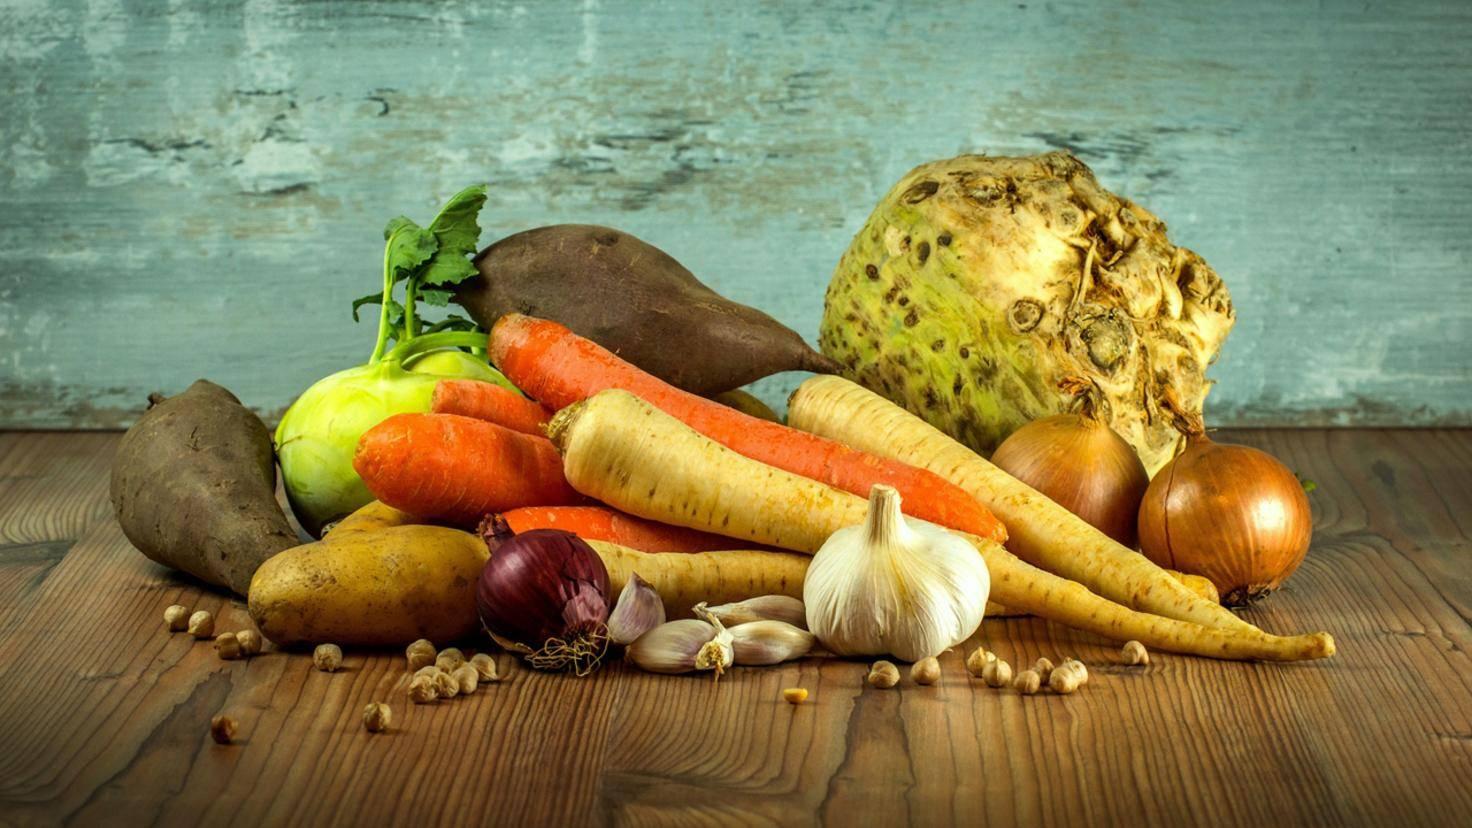 Gesund, lecker und kaum Kalorien. An Gemüse kannst Du Dich auch bei einer Diät sattessen,